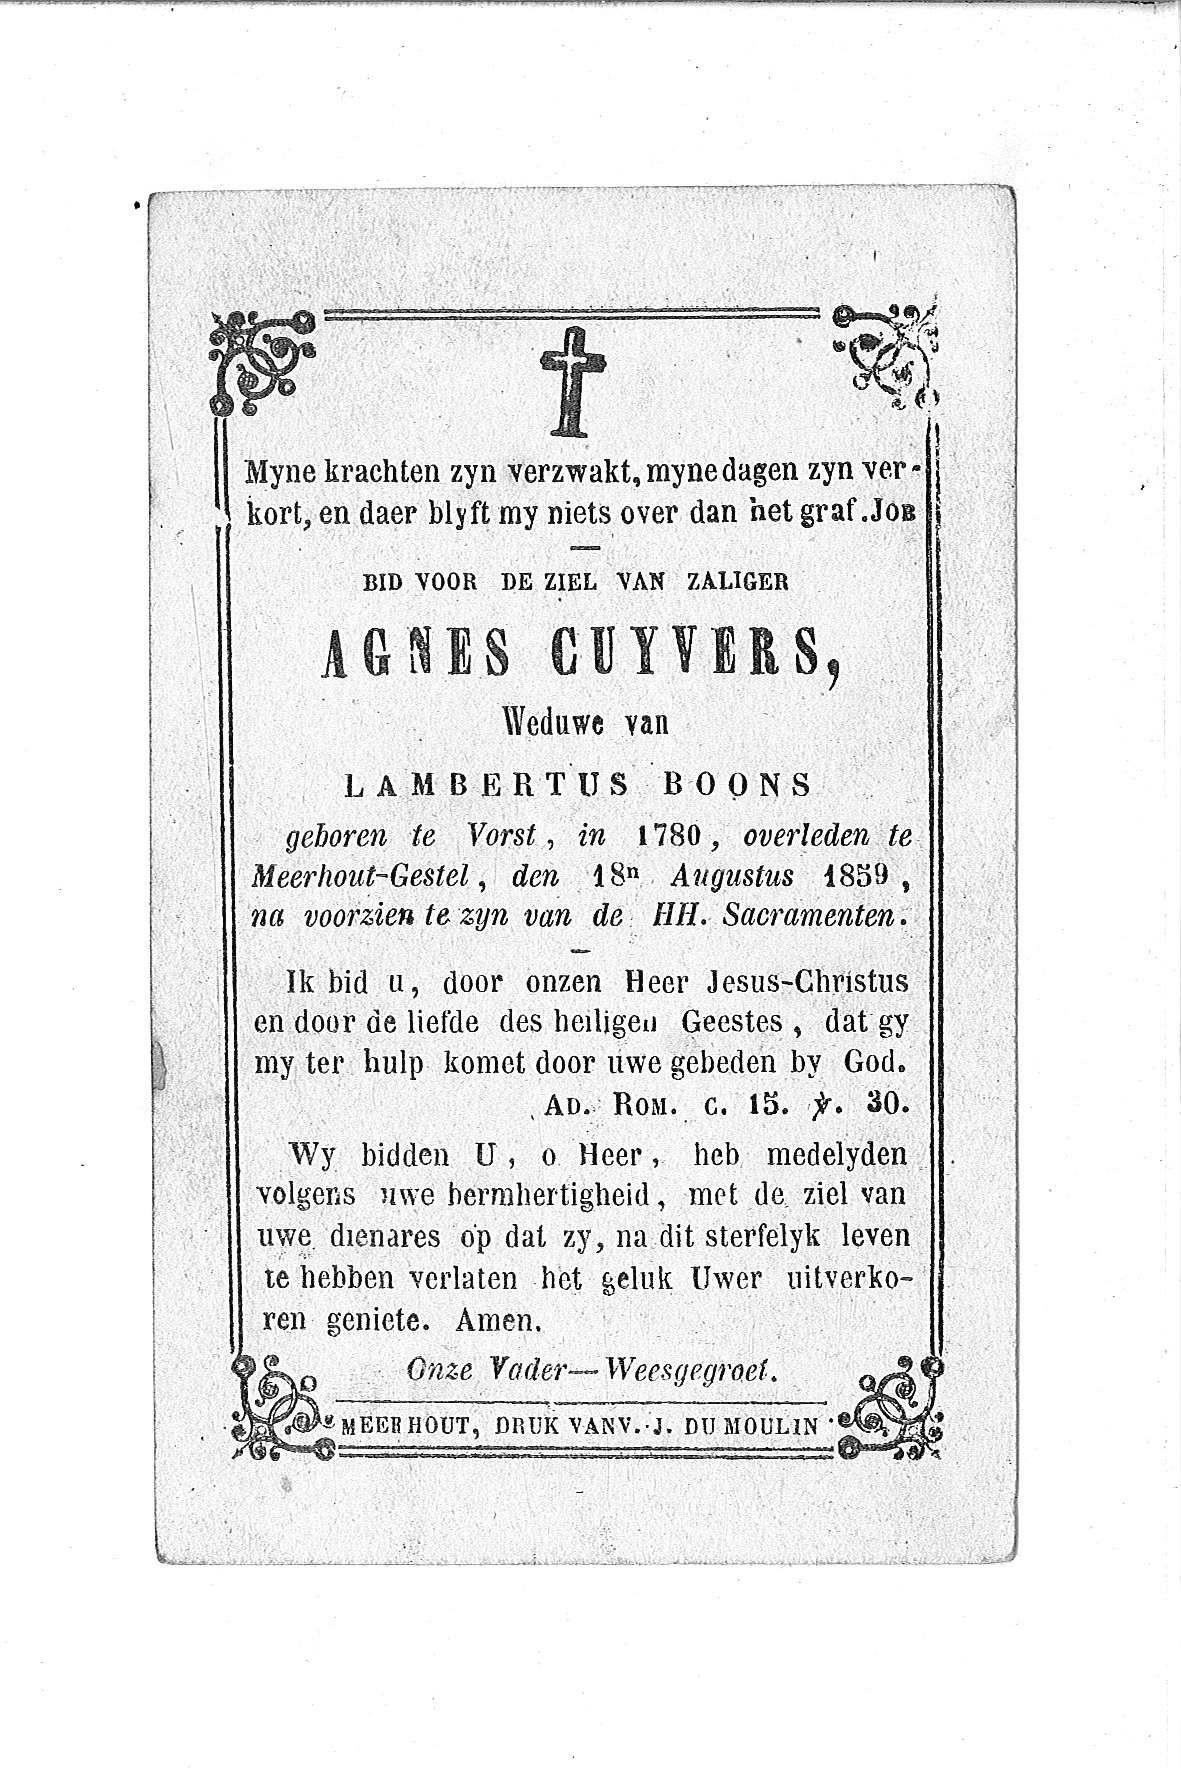 agnes(1859)20120329074916_00078.jpg